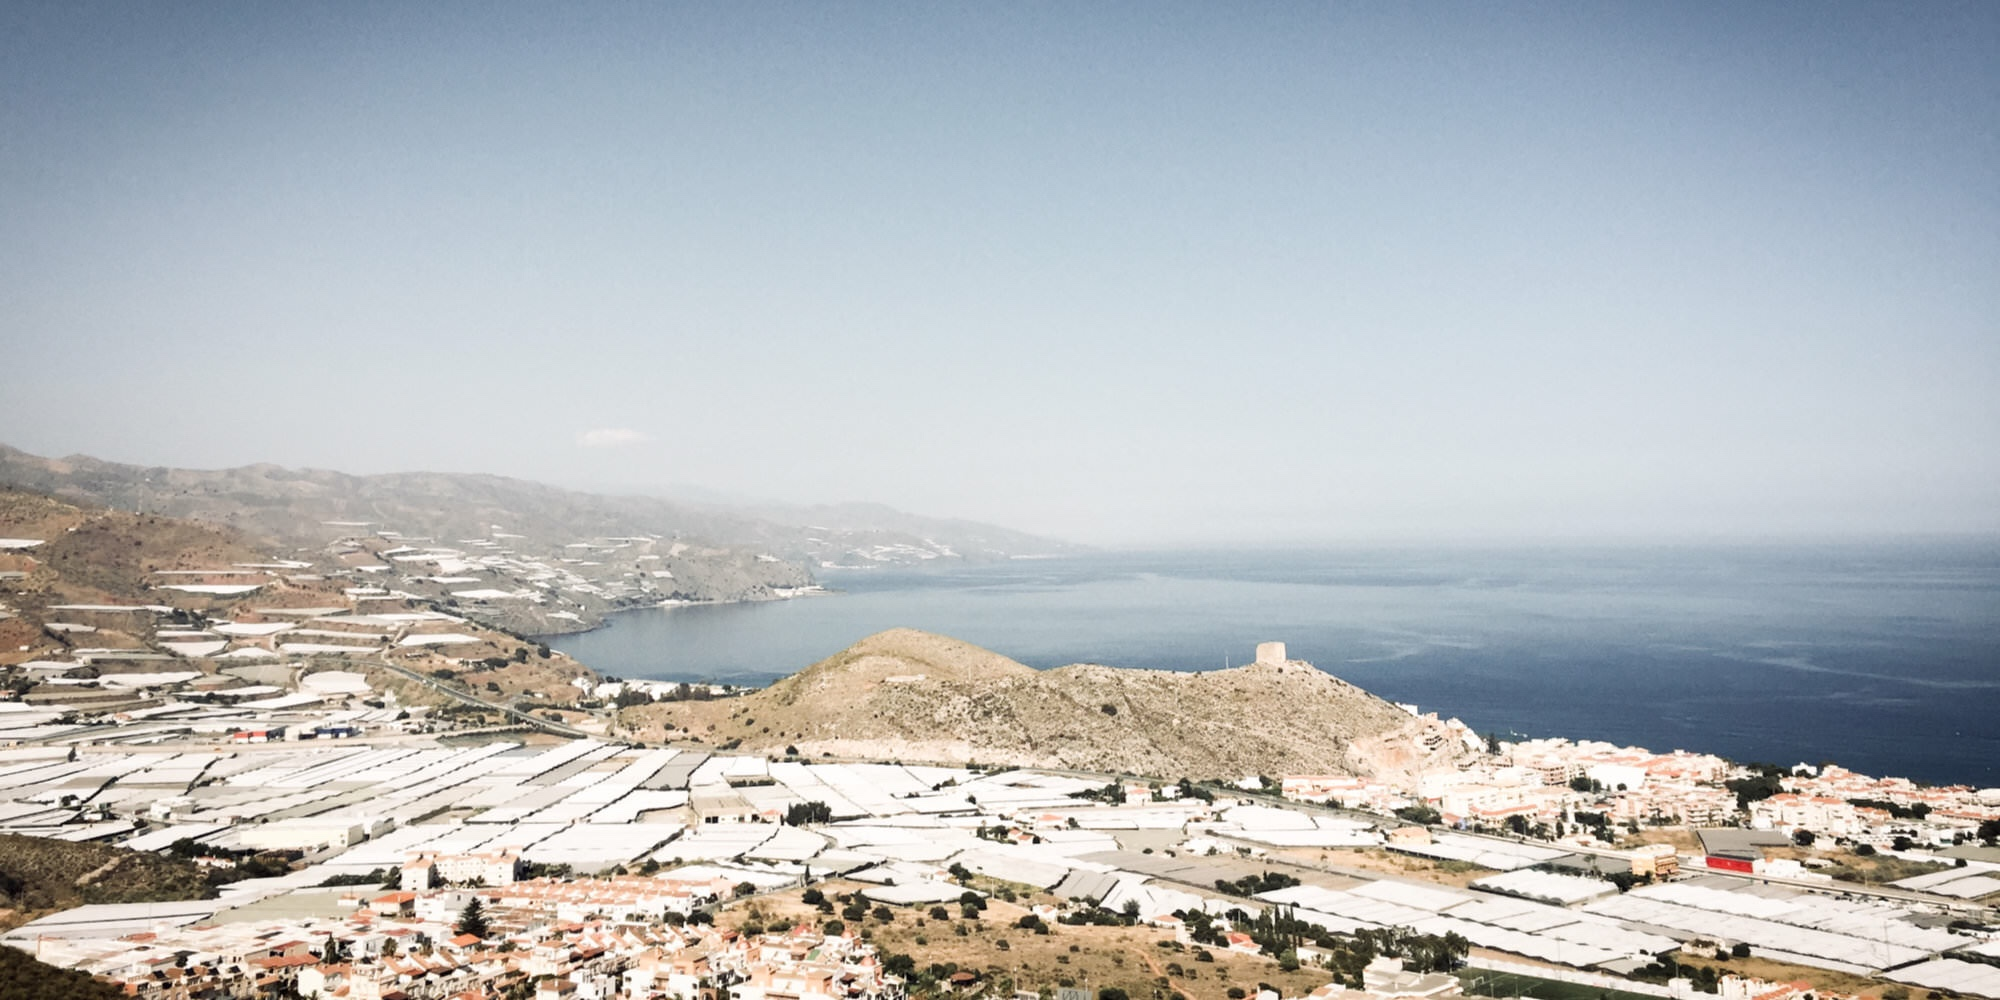 Woher kommt mein Gemüse? Eine Reise durch Spaniens Plastikmeer